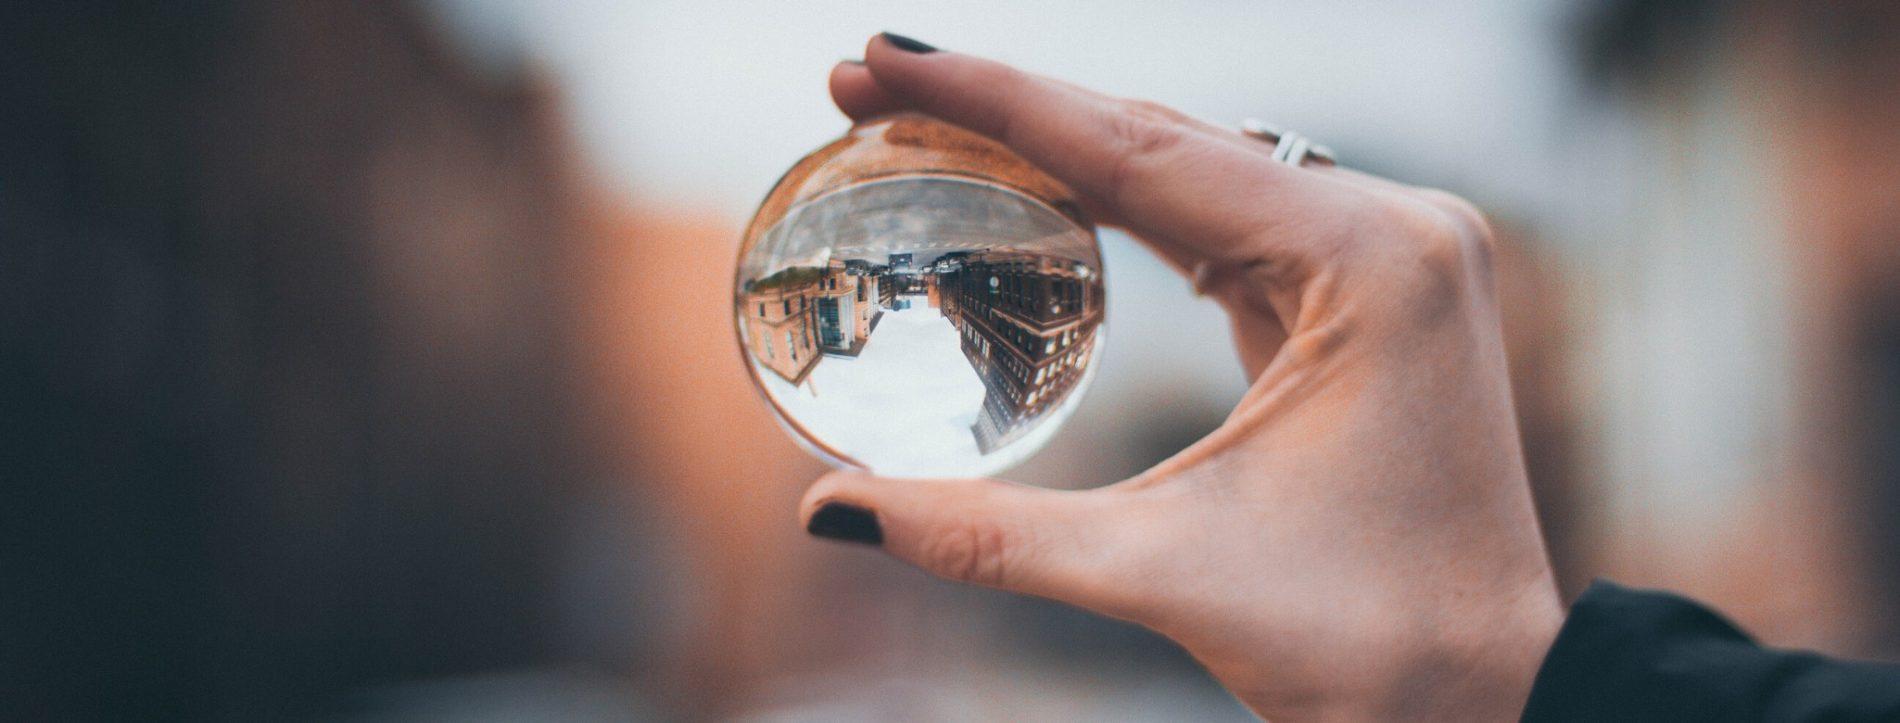 Foto di una mano che regge una sfera di vetro